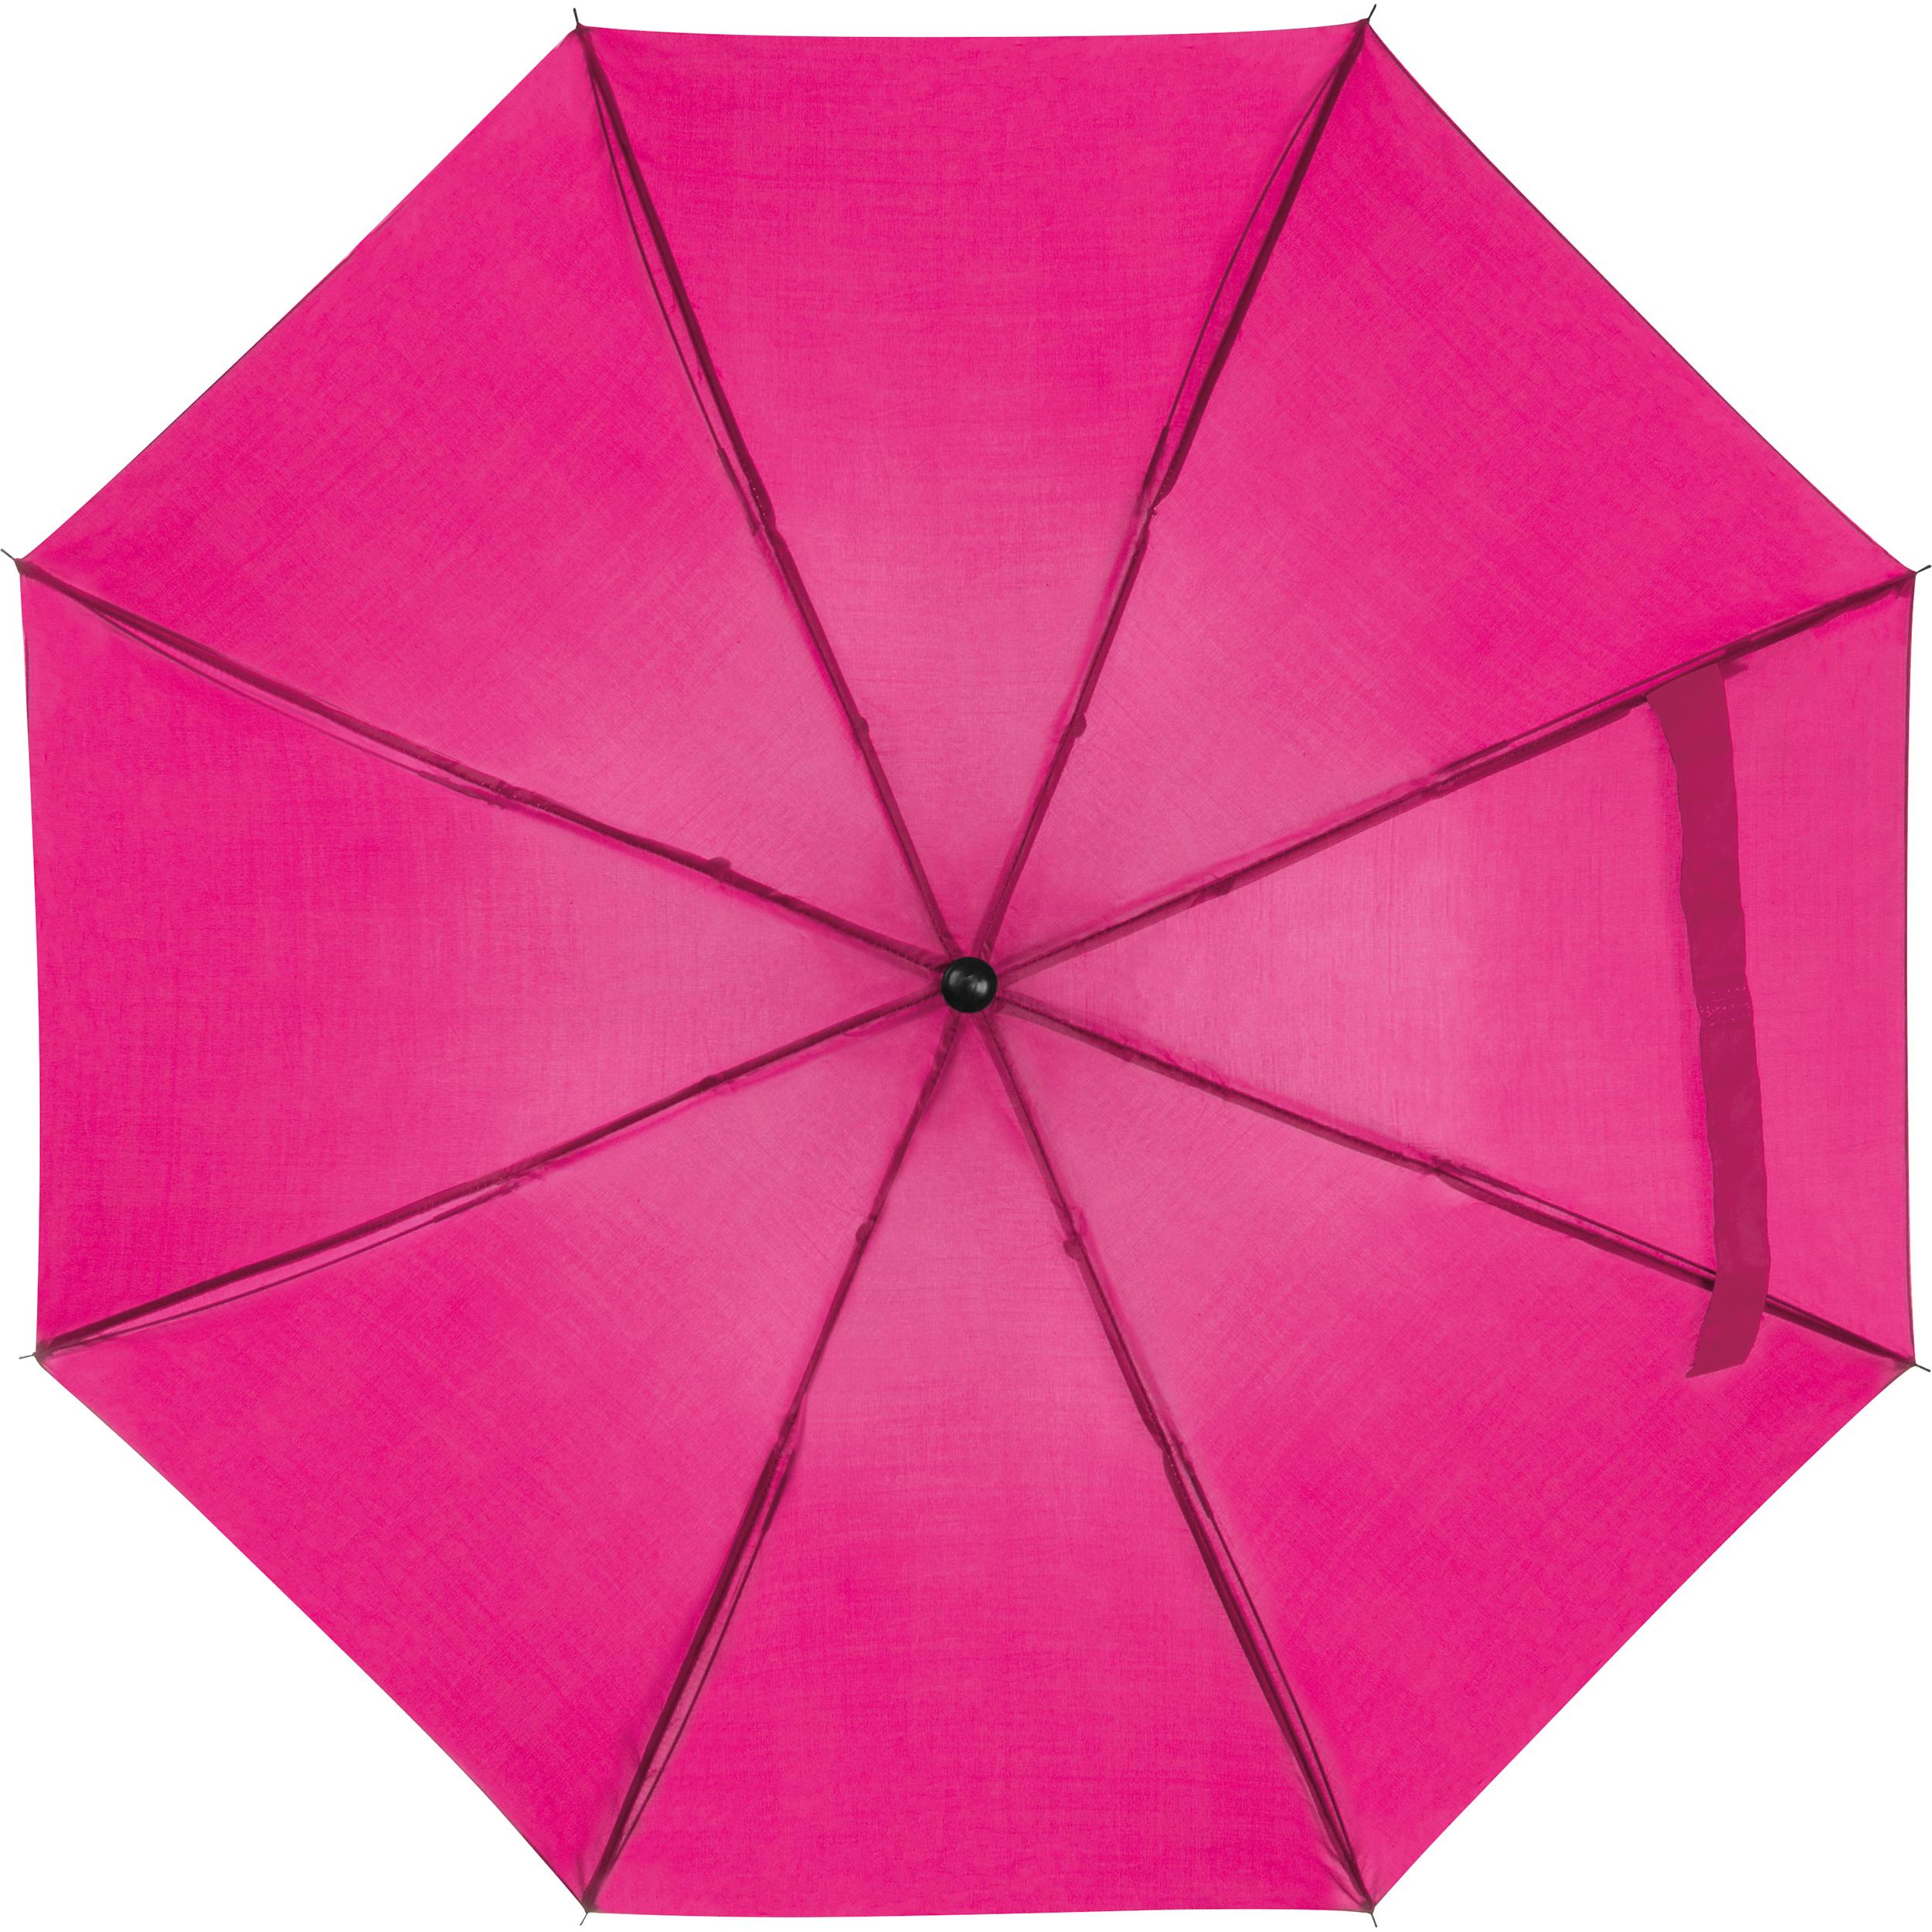 Parapluie livrée dans l'étui